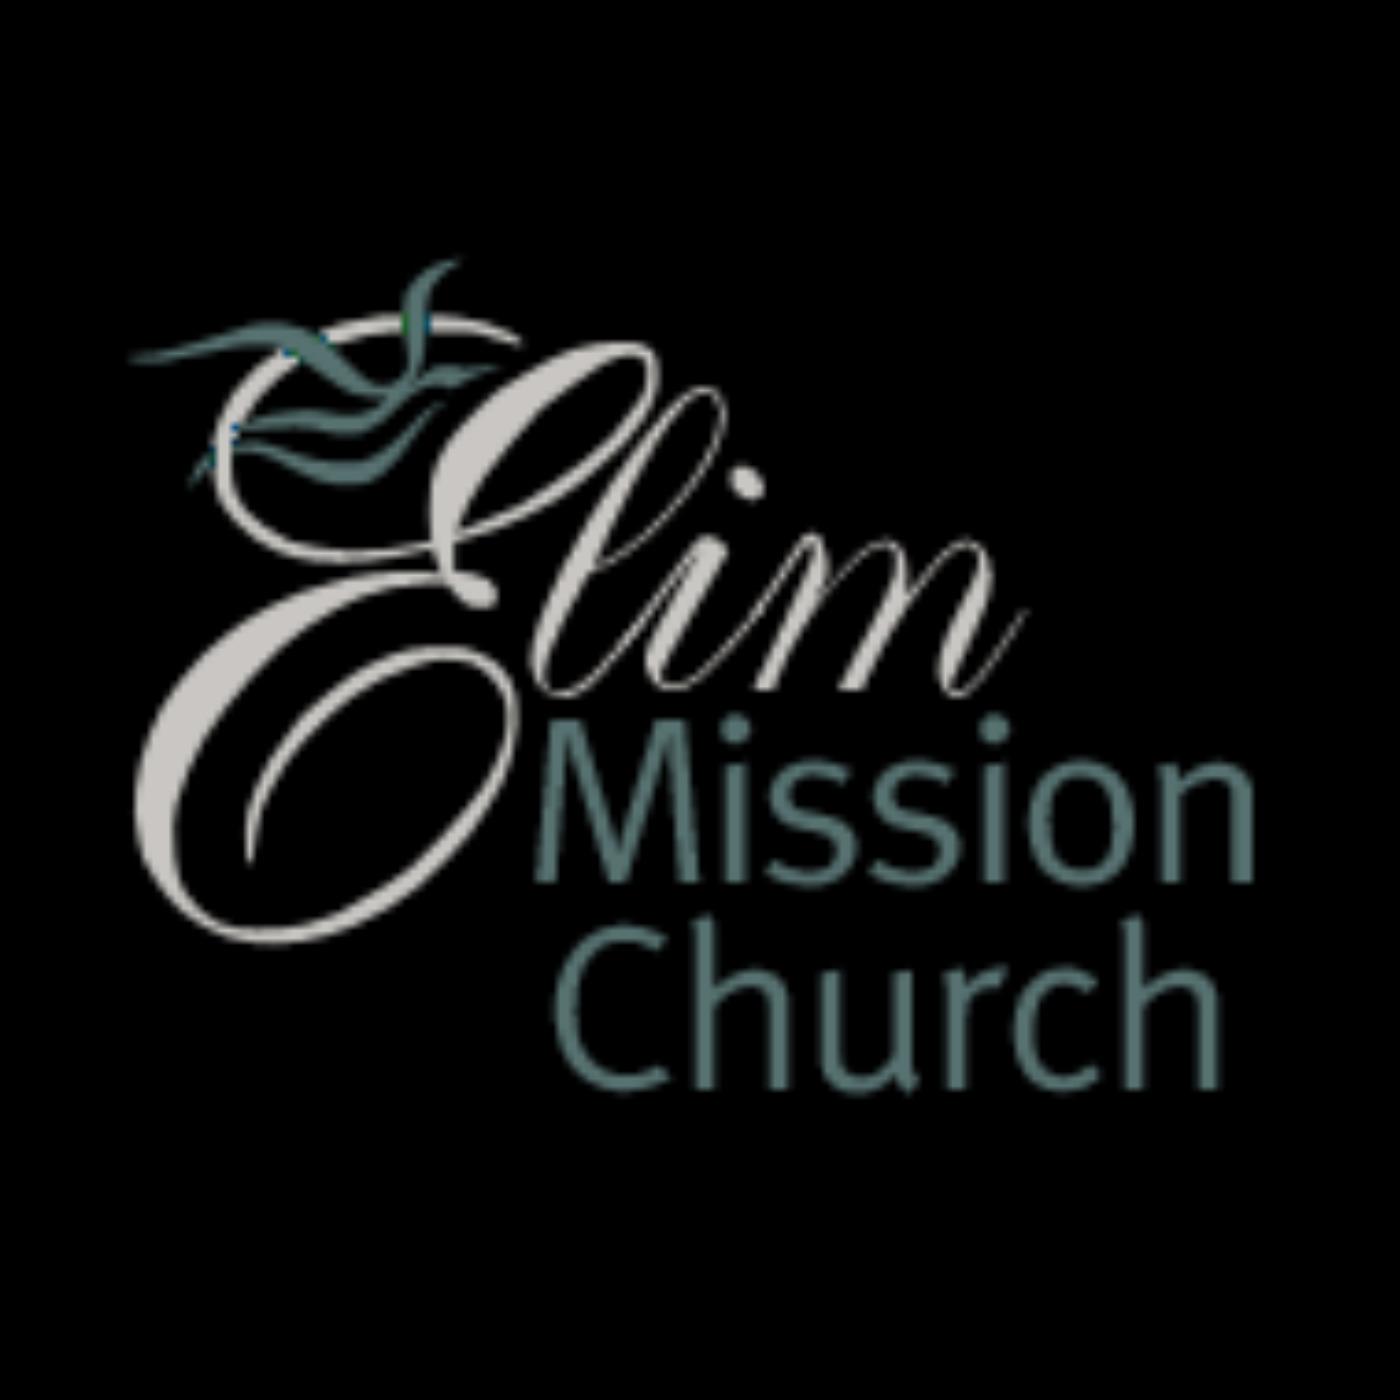 Elim Mission Church